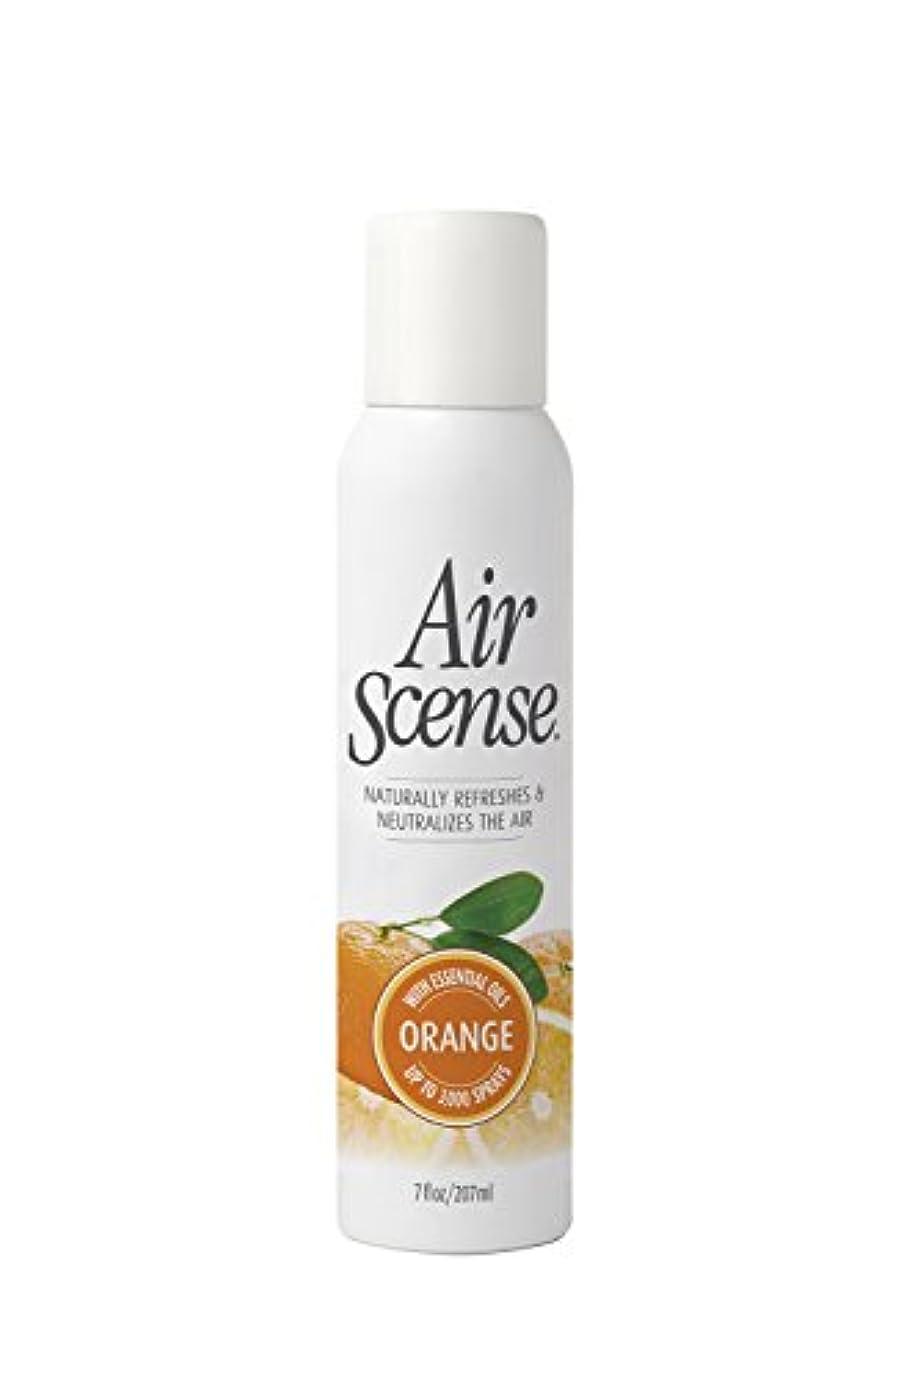 積分虚偽社説Air Scense - オレンジ芳香剤、4 X 7のFz